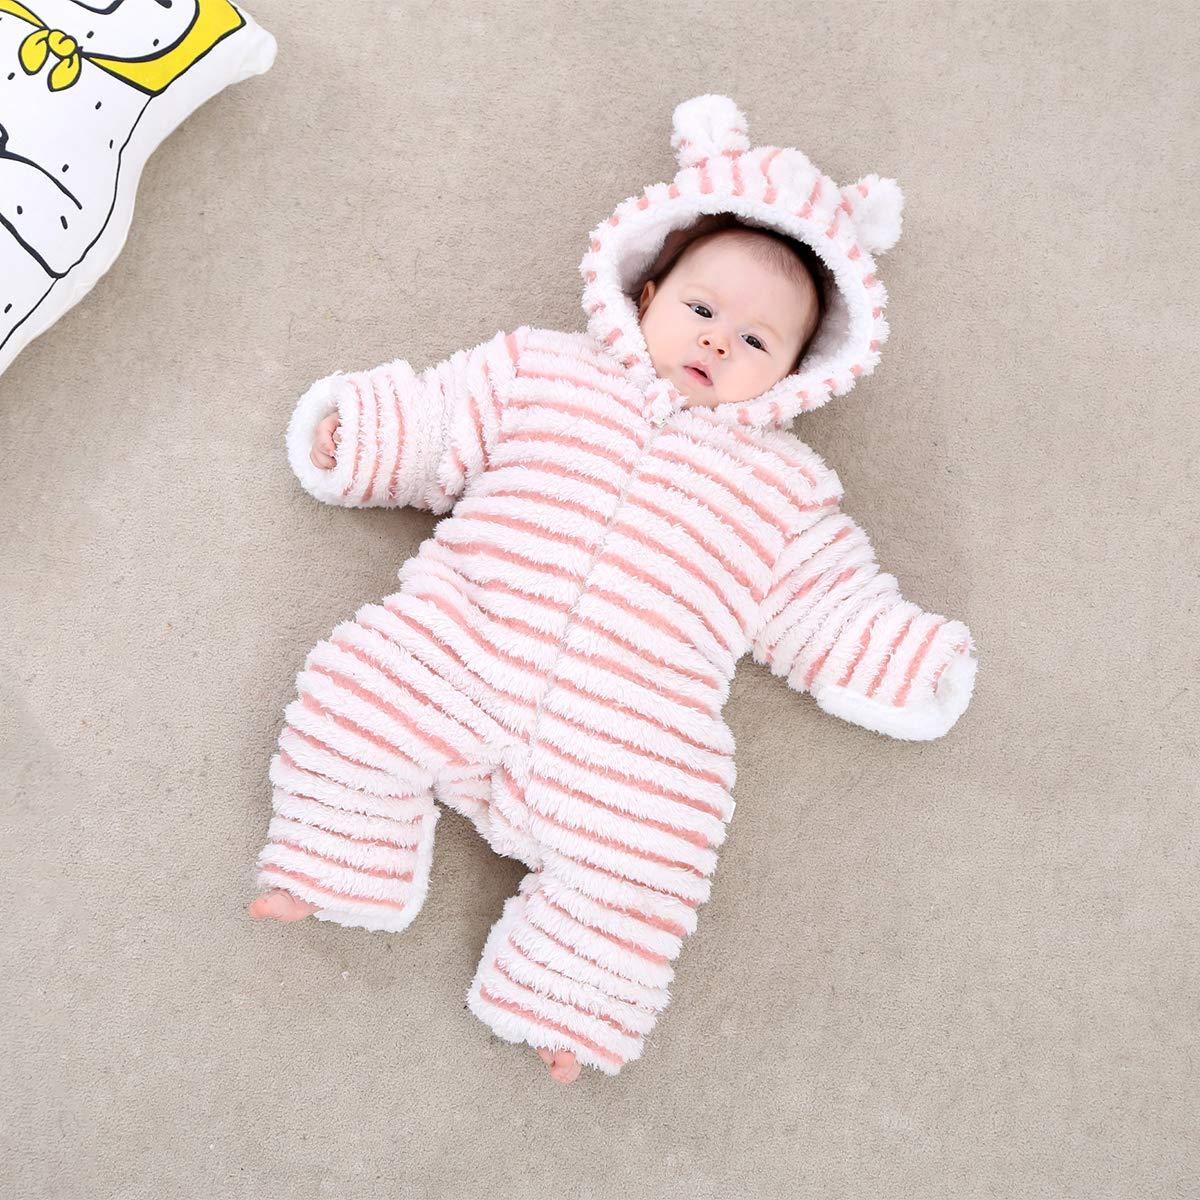 QSEFT: bebé recién Nacido Invierno cálido Pelele bebé Rayas Coral Polar Sudaderas para bebé recién Nacido sueño Suave 1 - 18 Meses, Rosa, 59: Amazon.es: ...